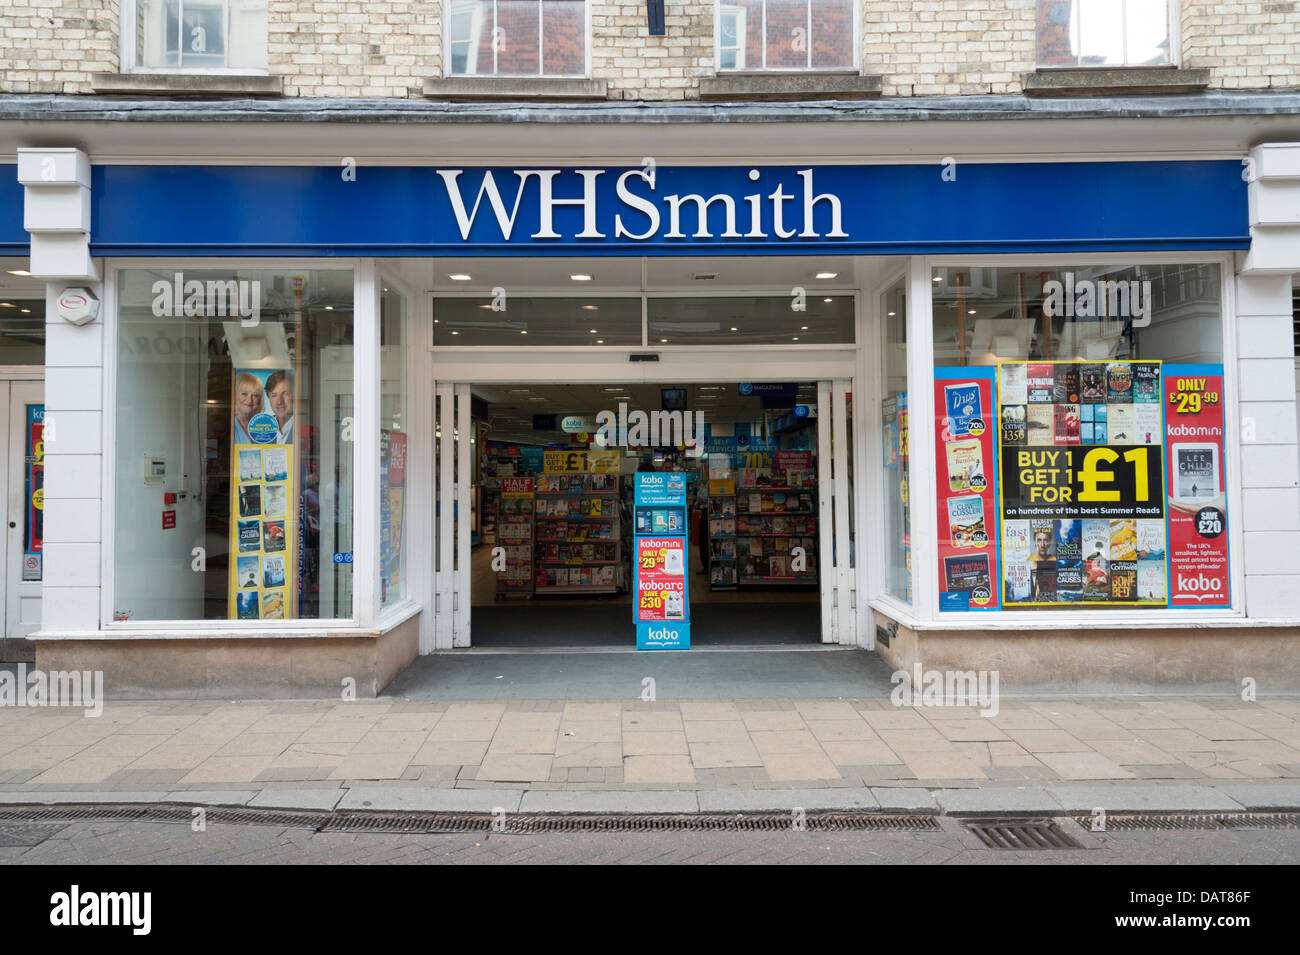 WH Smith shop Cambridge UK - Stock Image